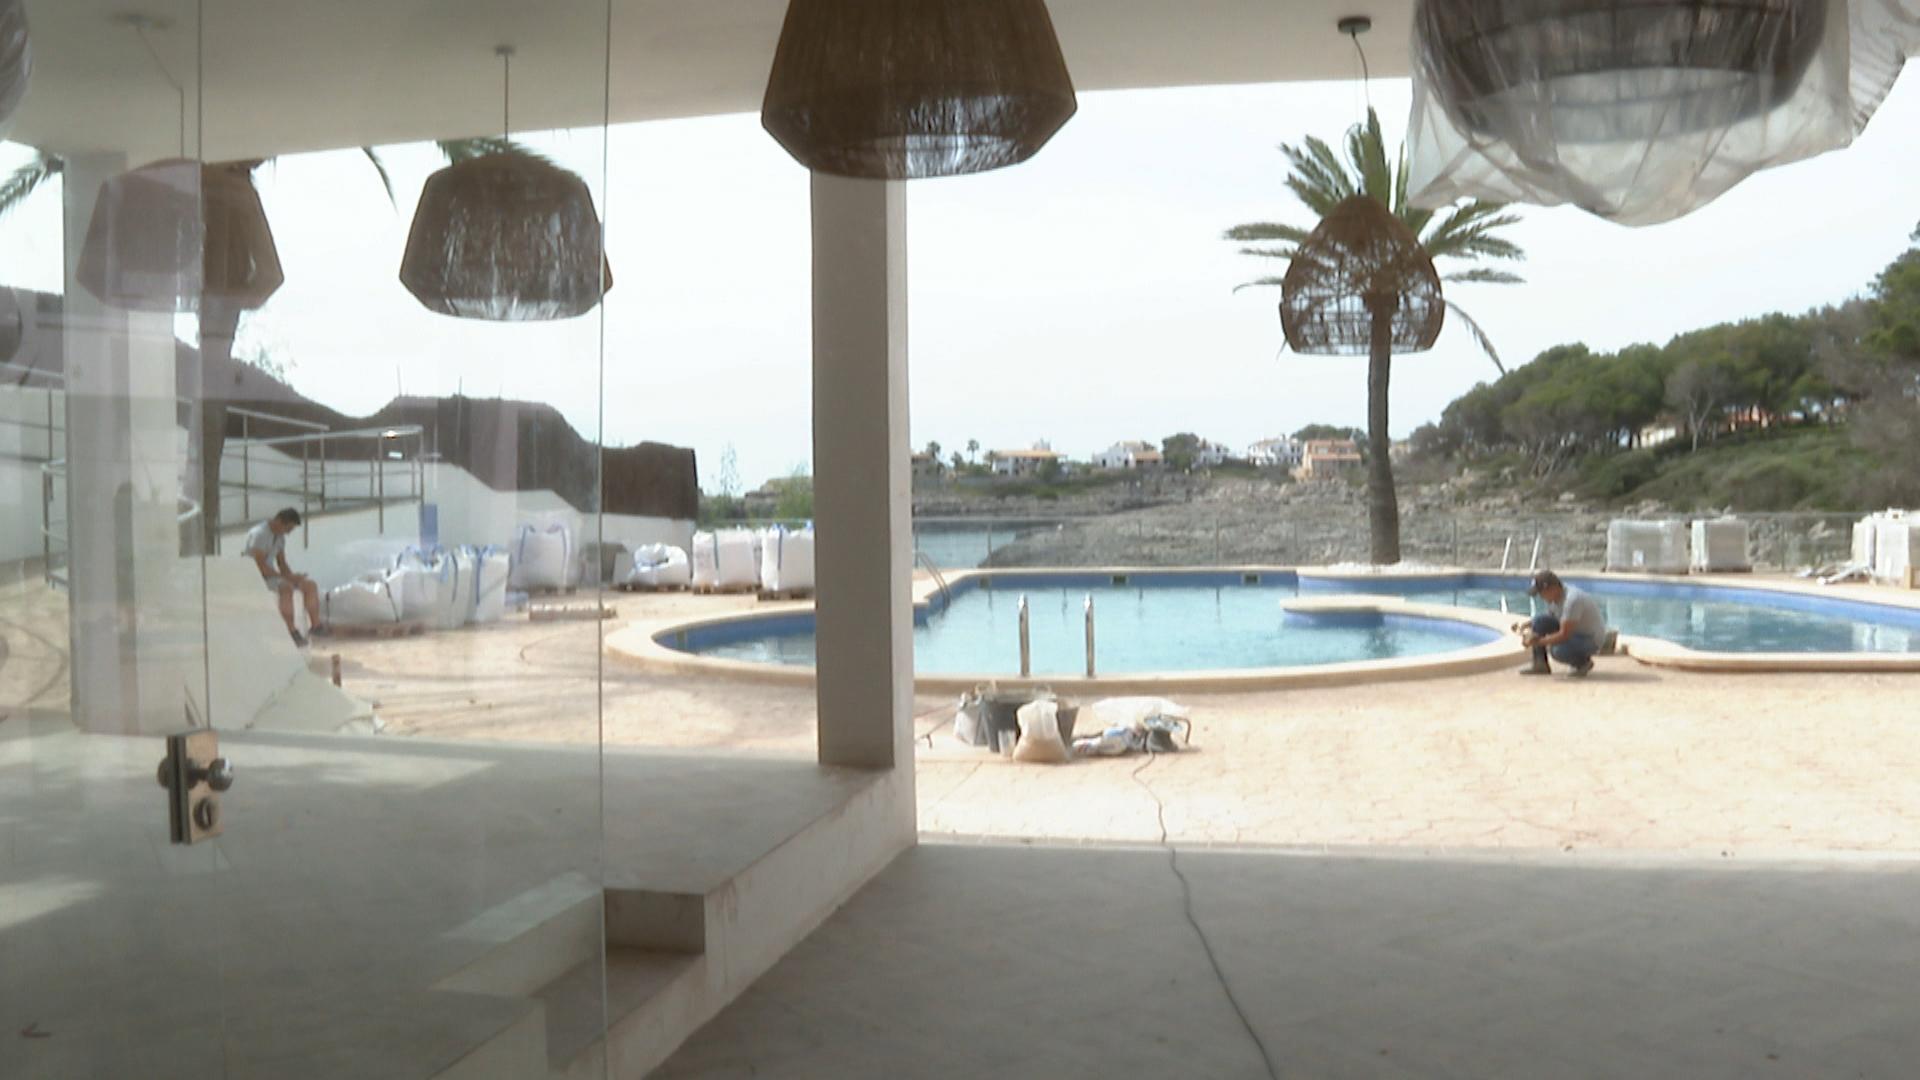 Els+hotelers+de+Portocolom+no+esperen+una+ocupaci%C3%B3+superior+al+20%25